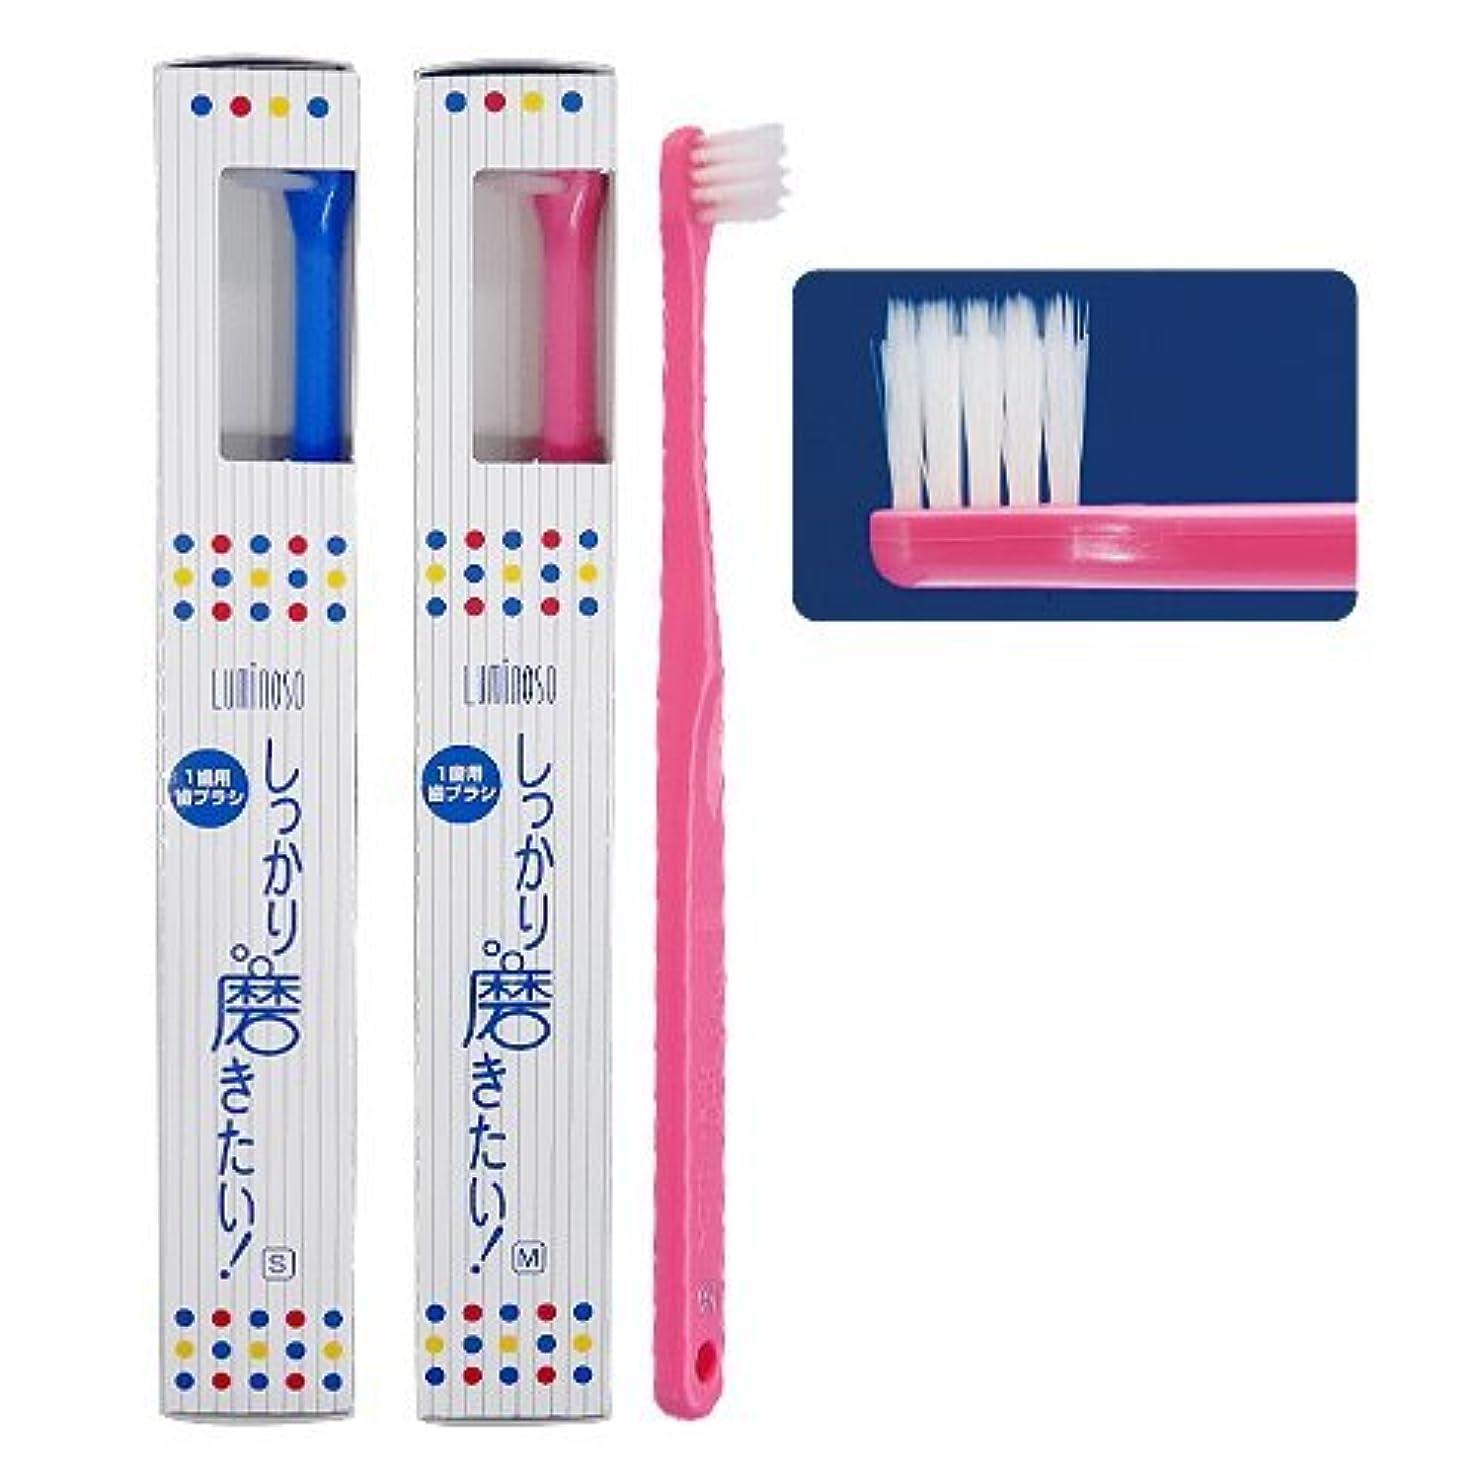 夕方砂の明るいルミノソ 1歯用歯ブラシ「しっかり磨きたい!」スタンダード ミディアム (カラー指定不可) 10本